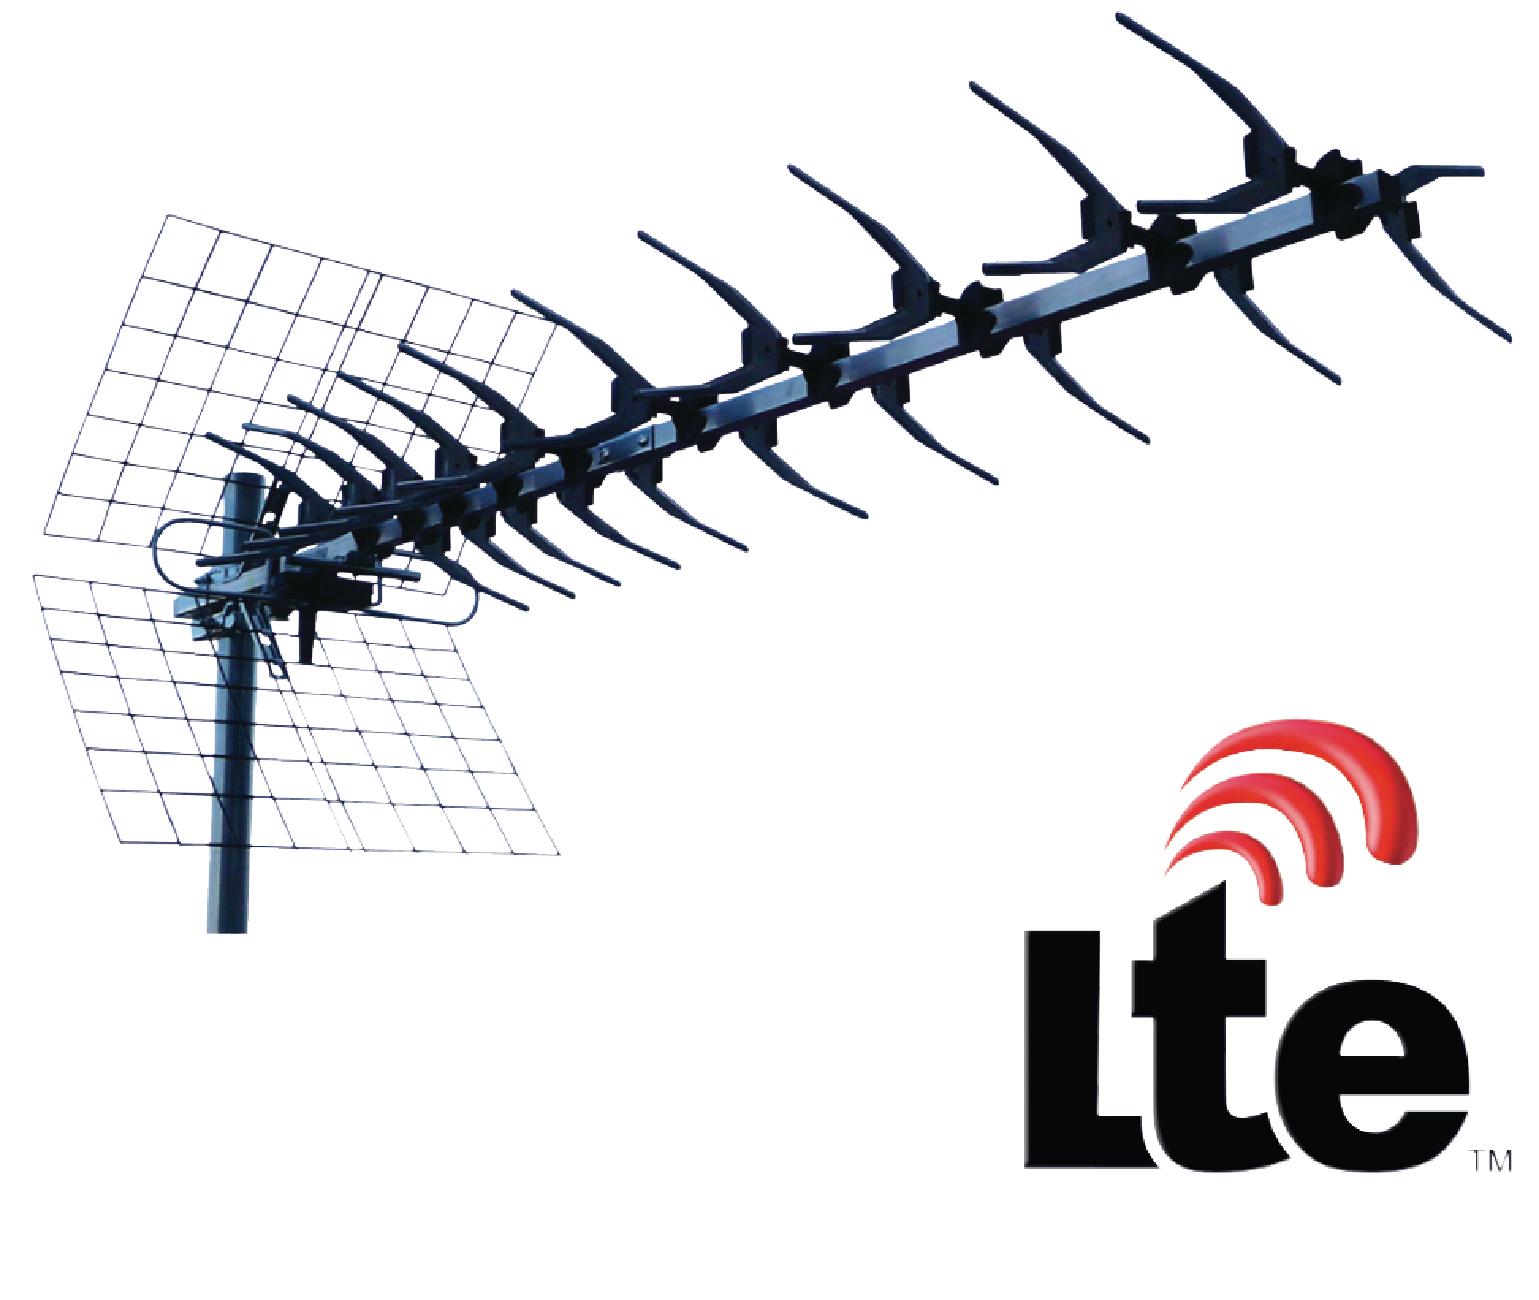 Anténa König UHF DVB-T/T2 LTE 13 dB